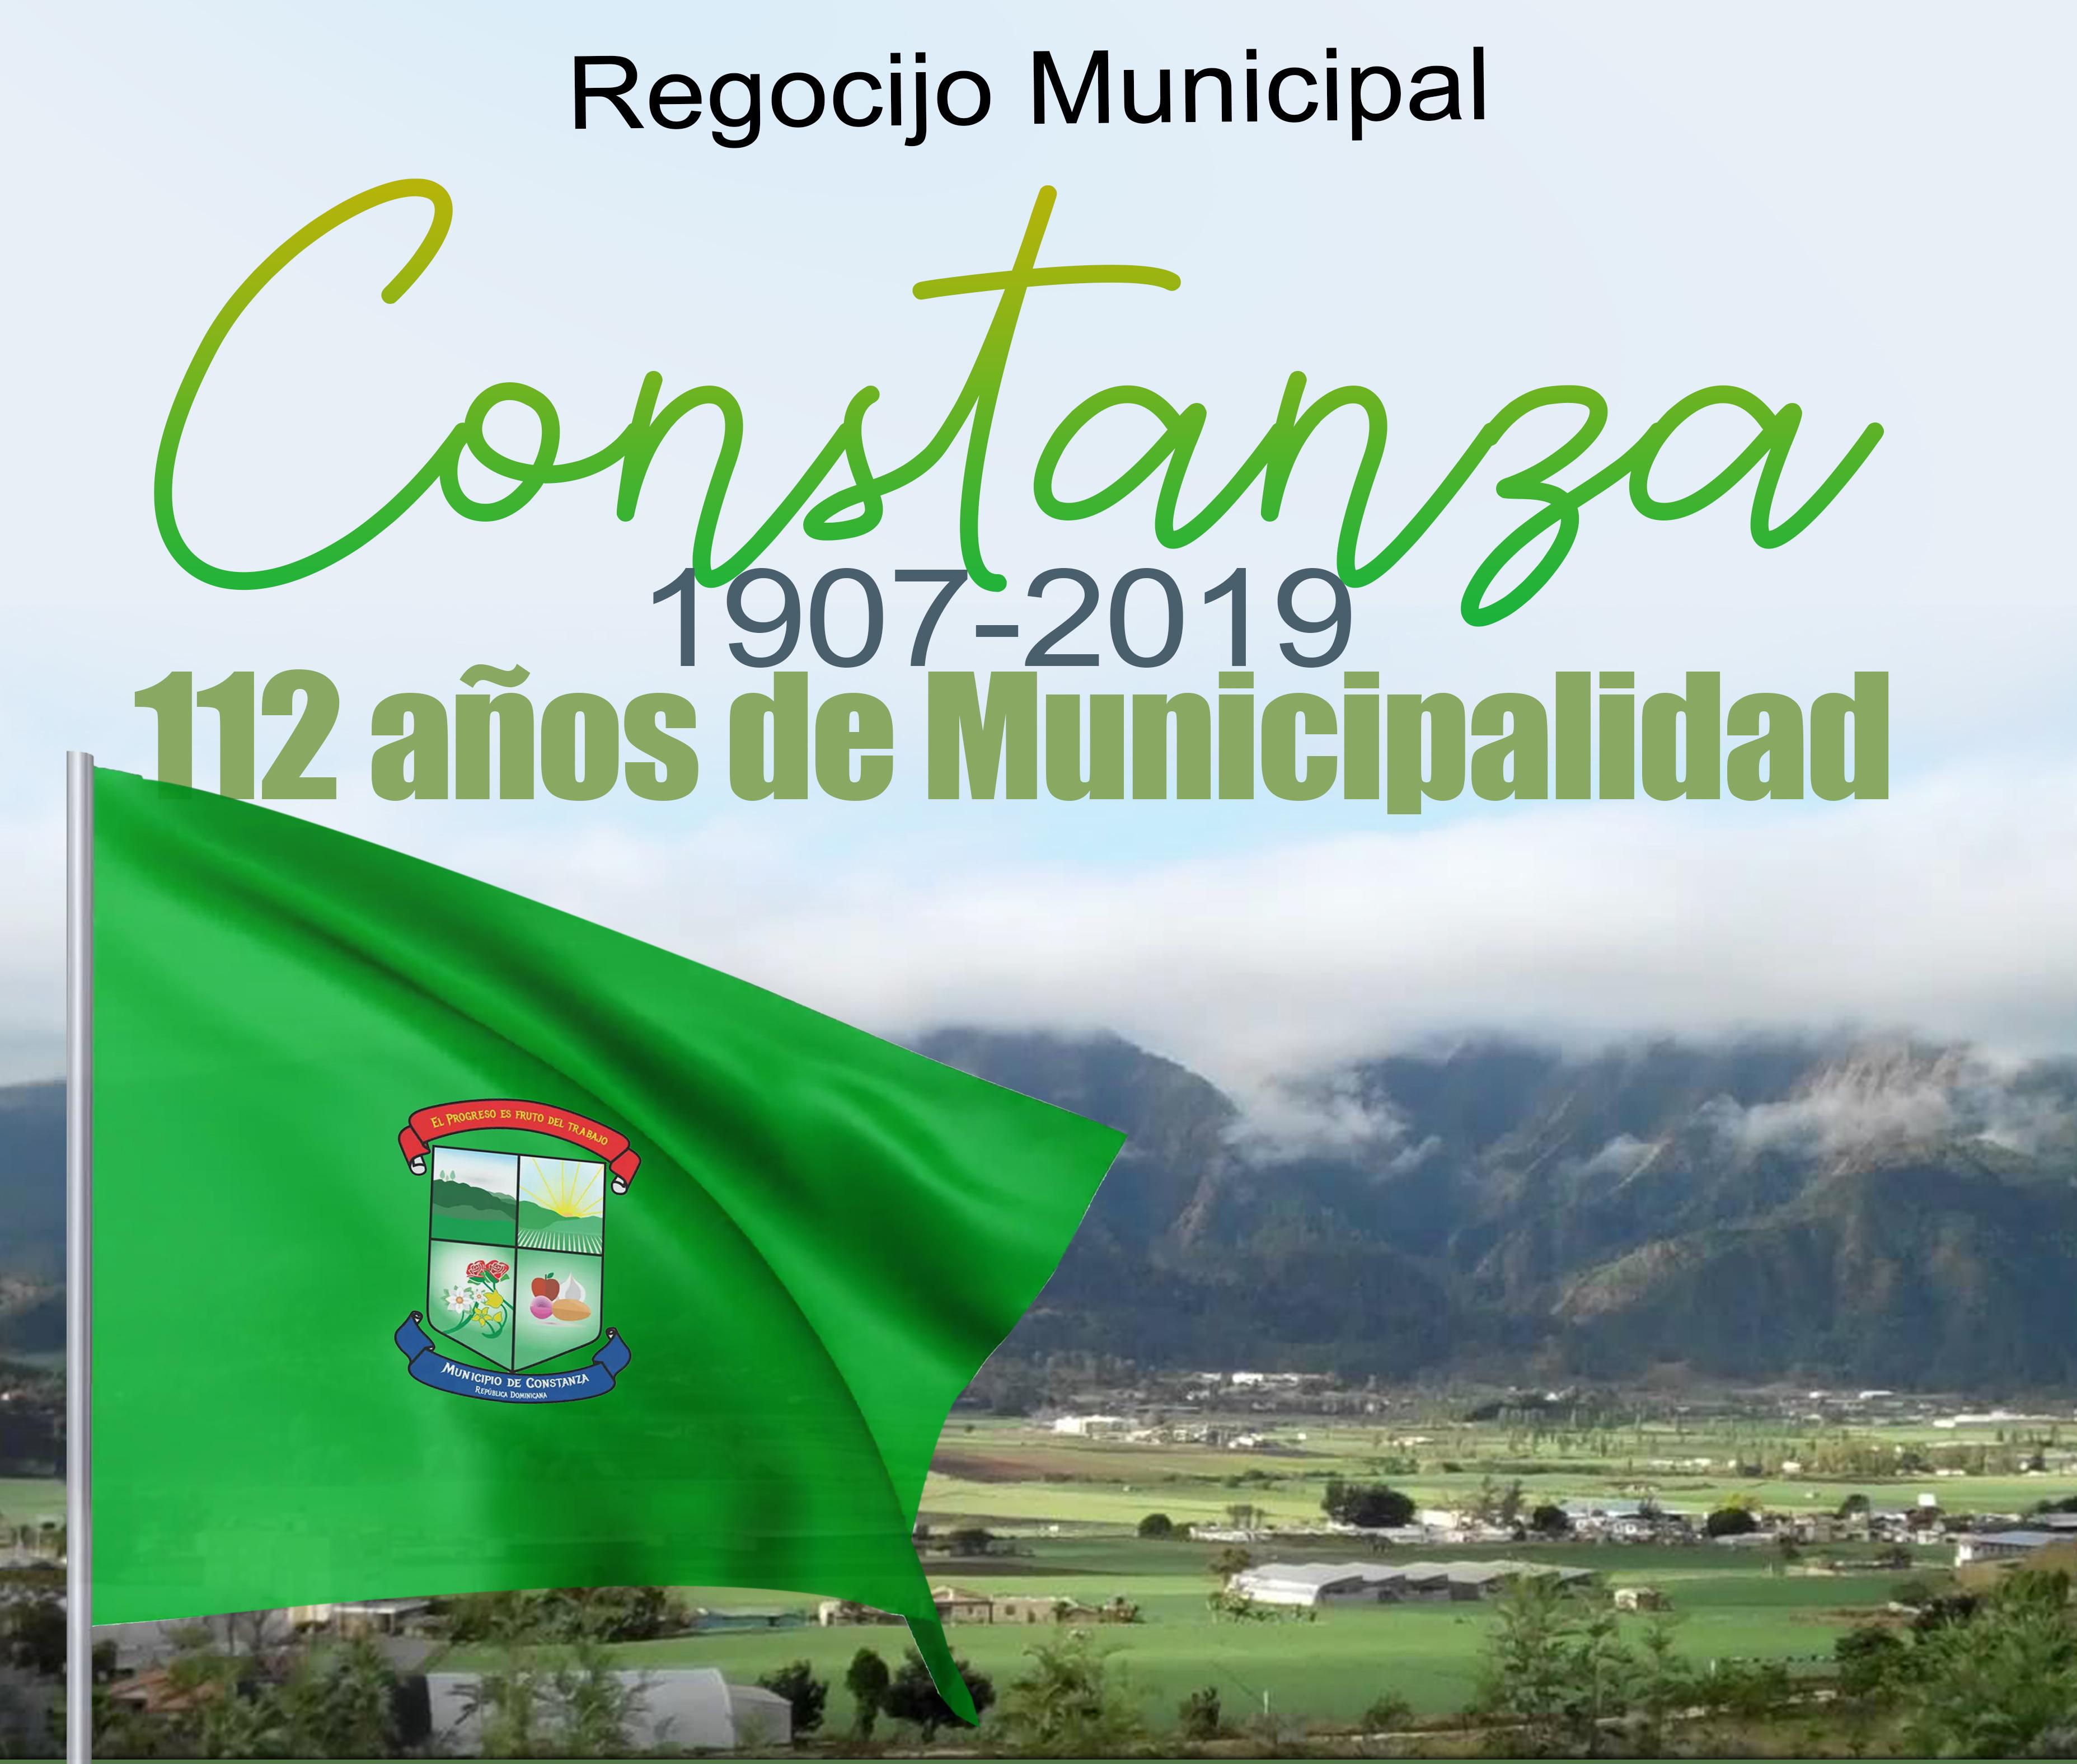 Constanza celebra 112 años de municipalidad.